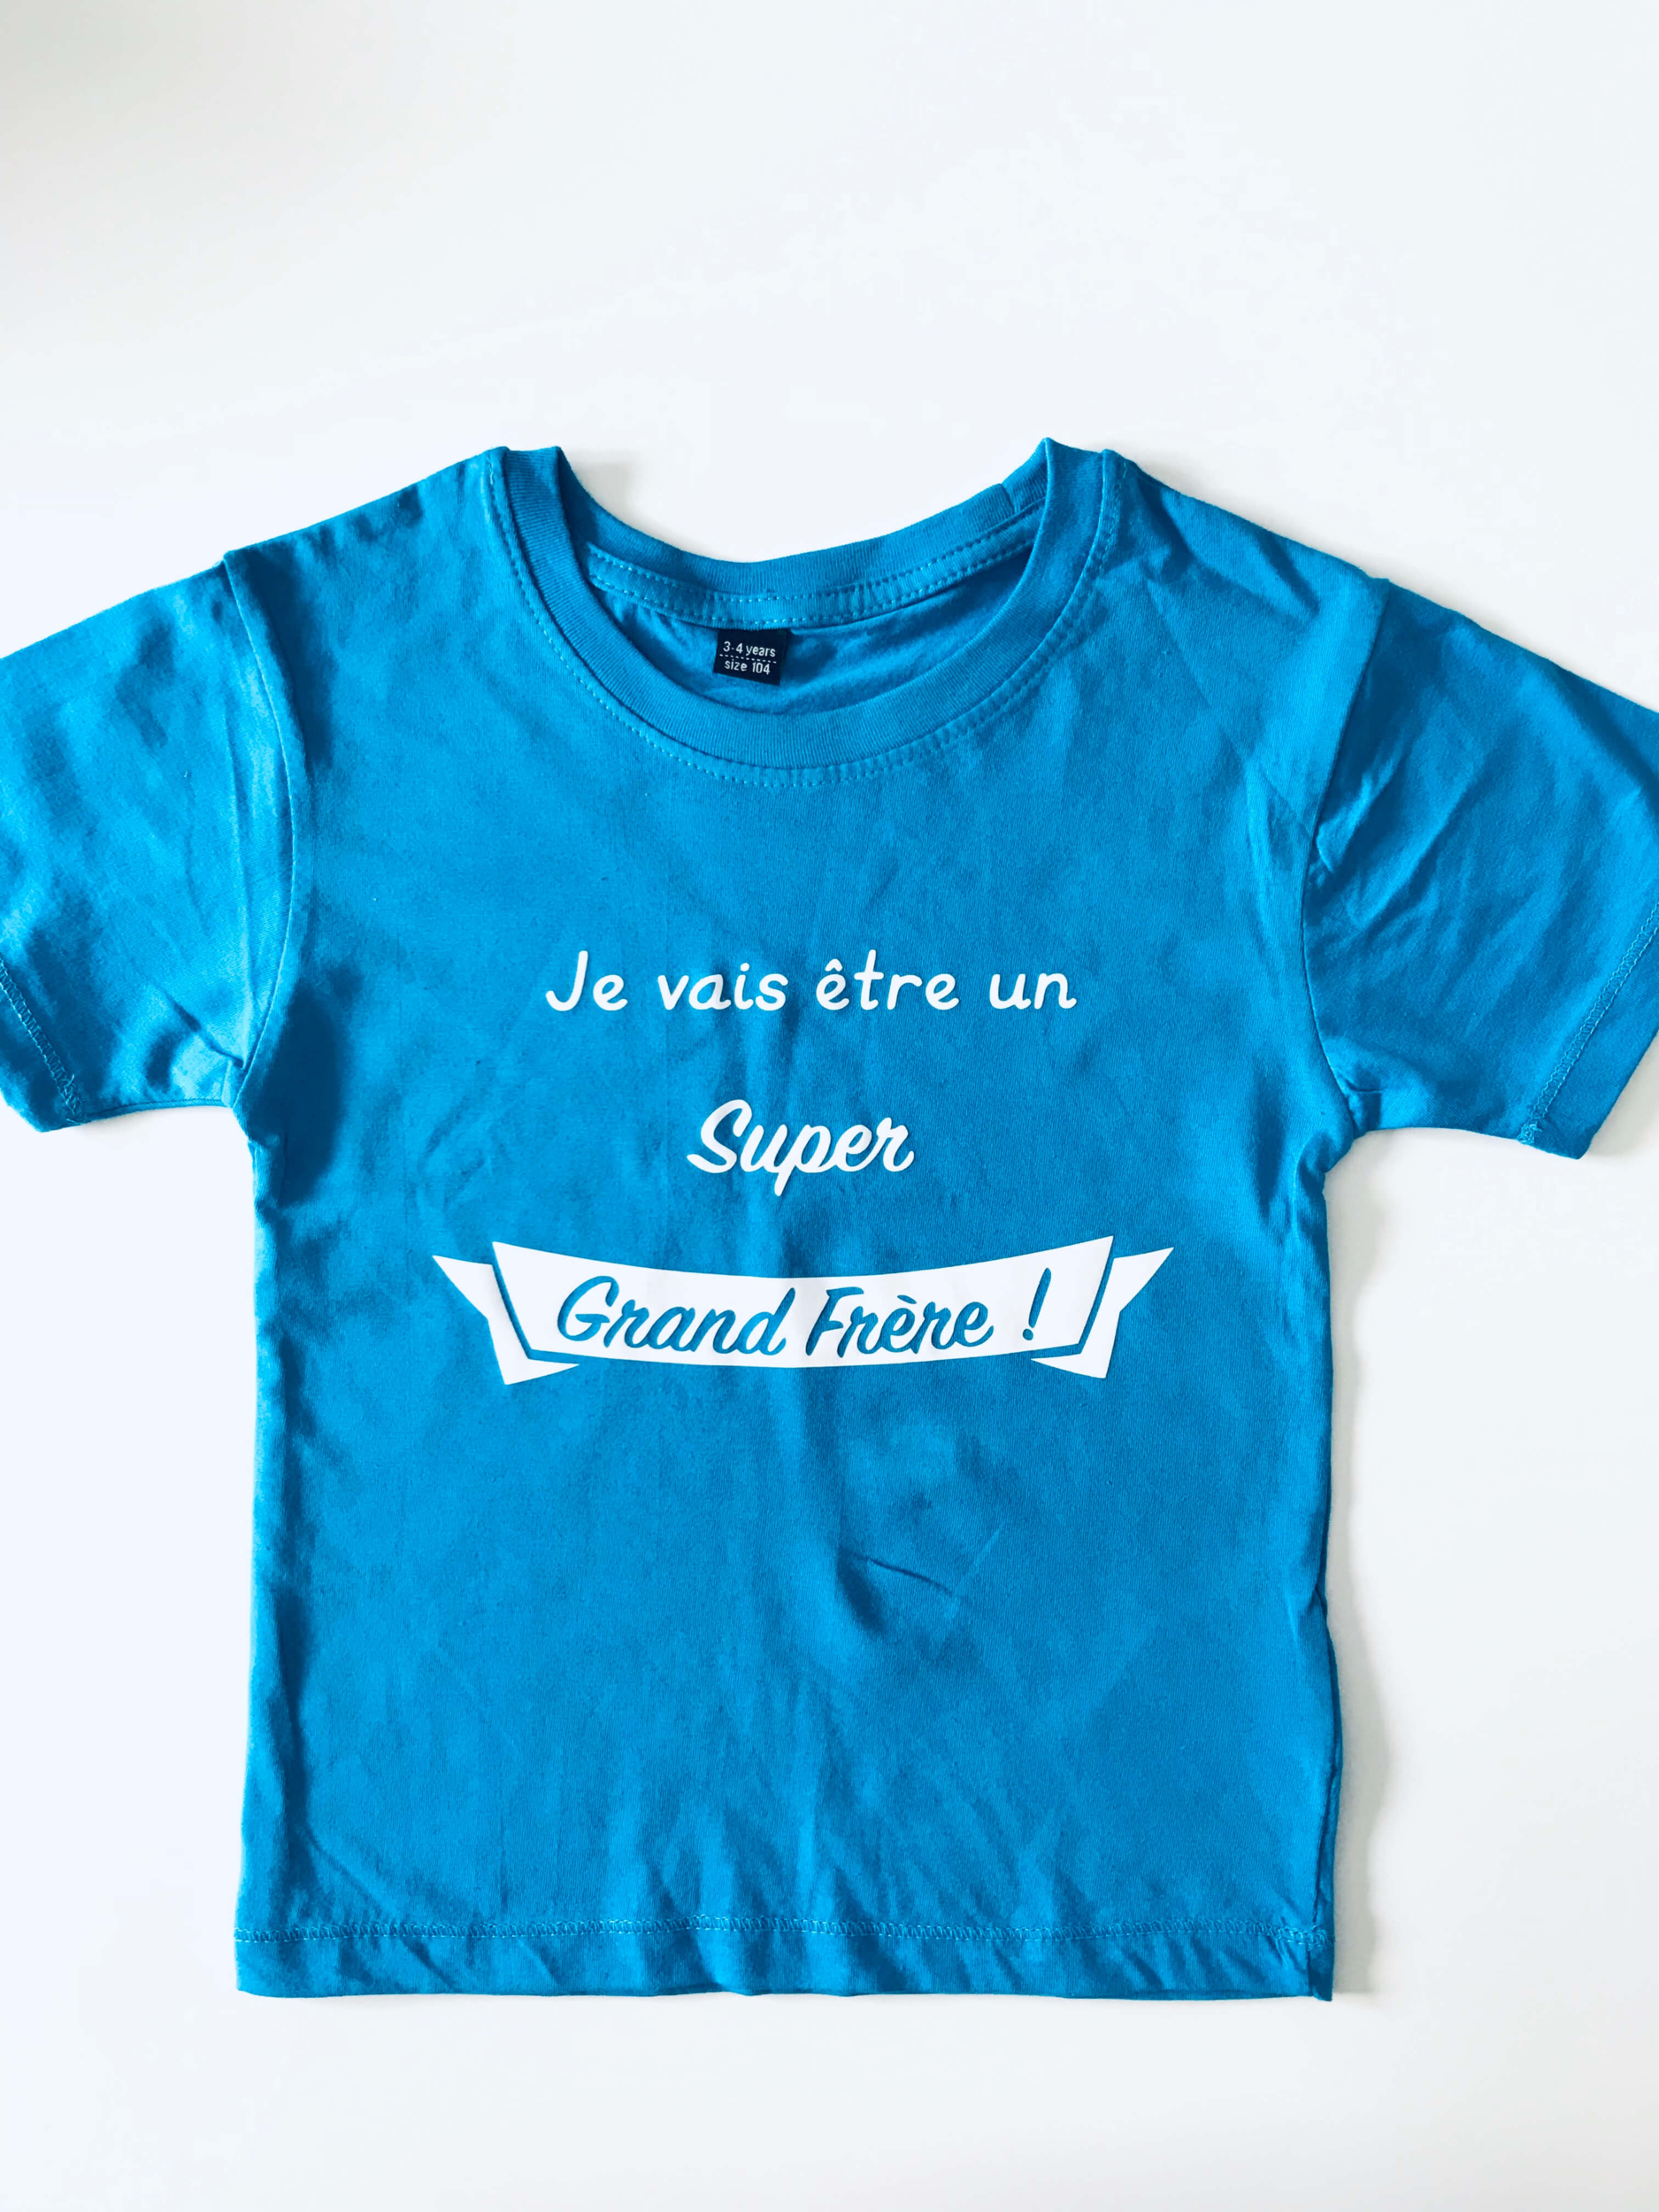 T-shirt enfant Je vais être un Super Grand Frère